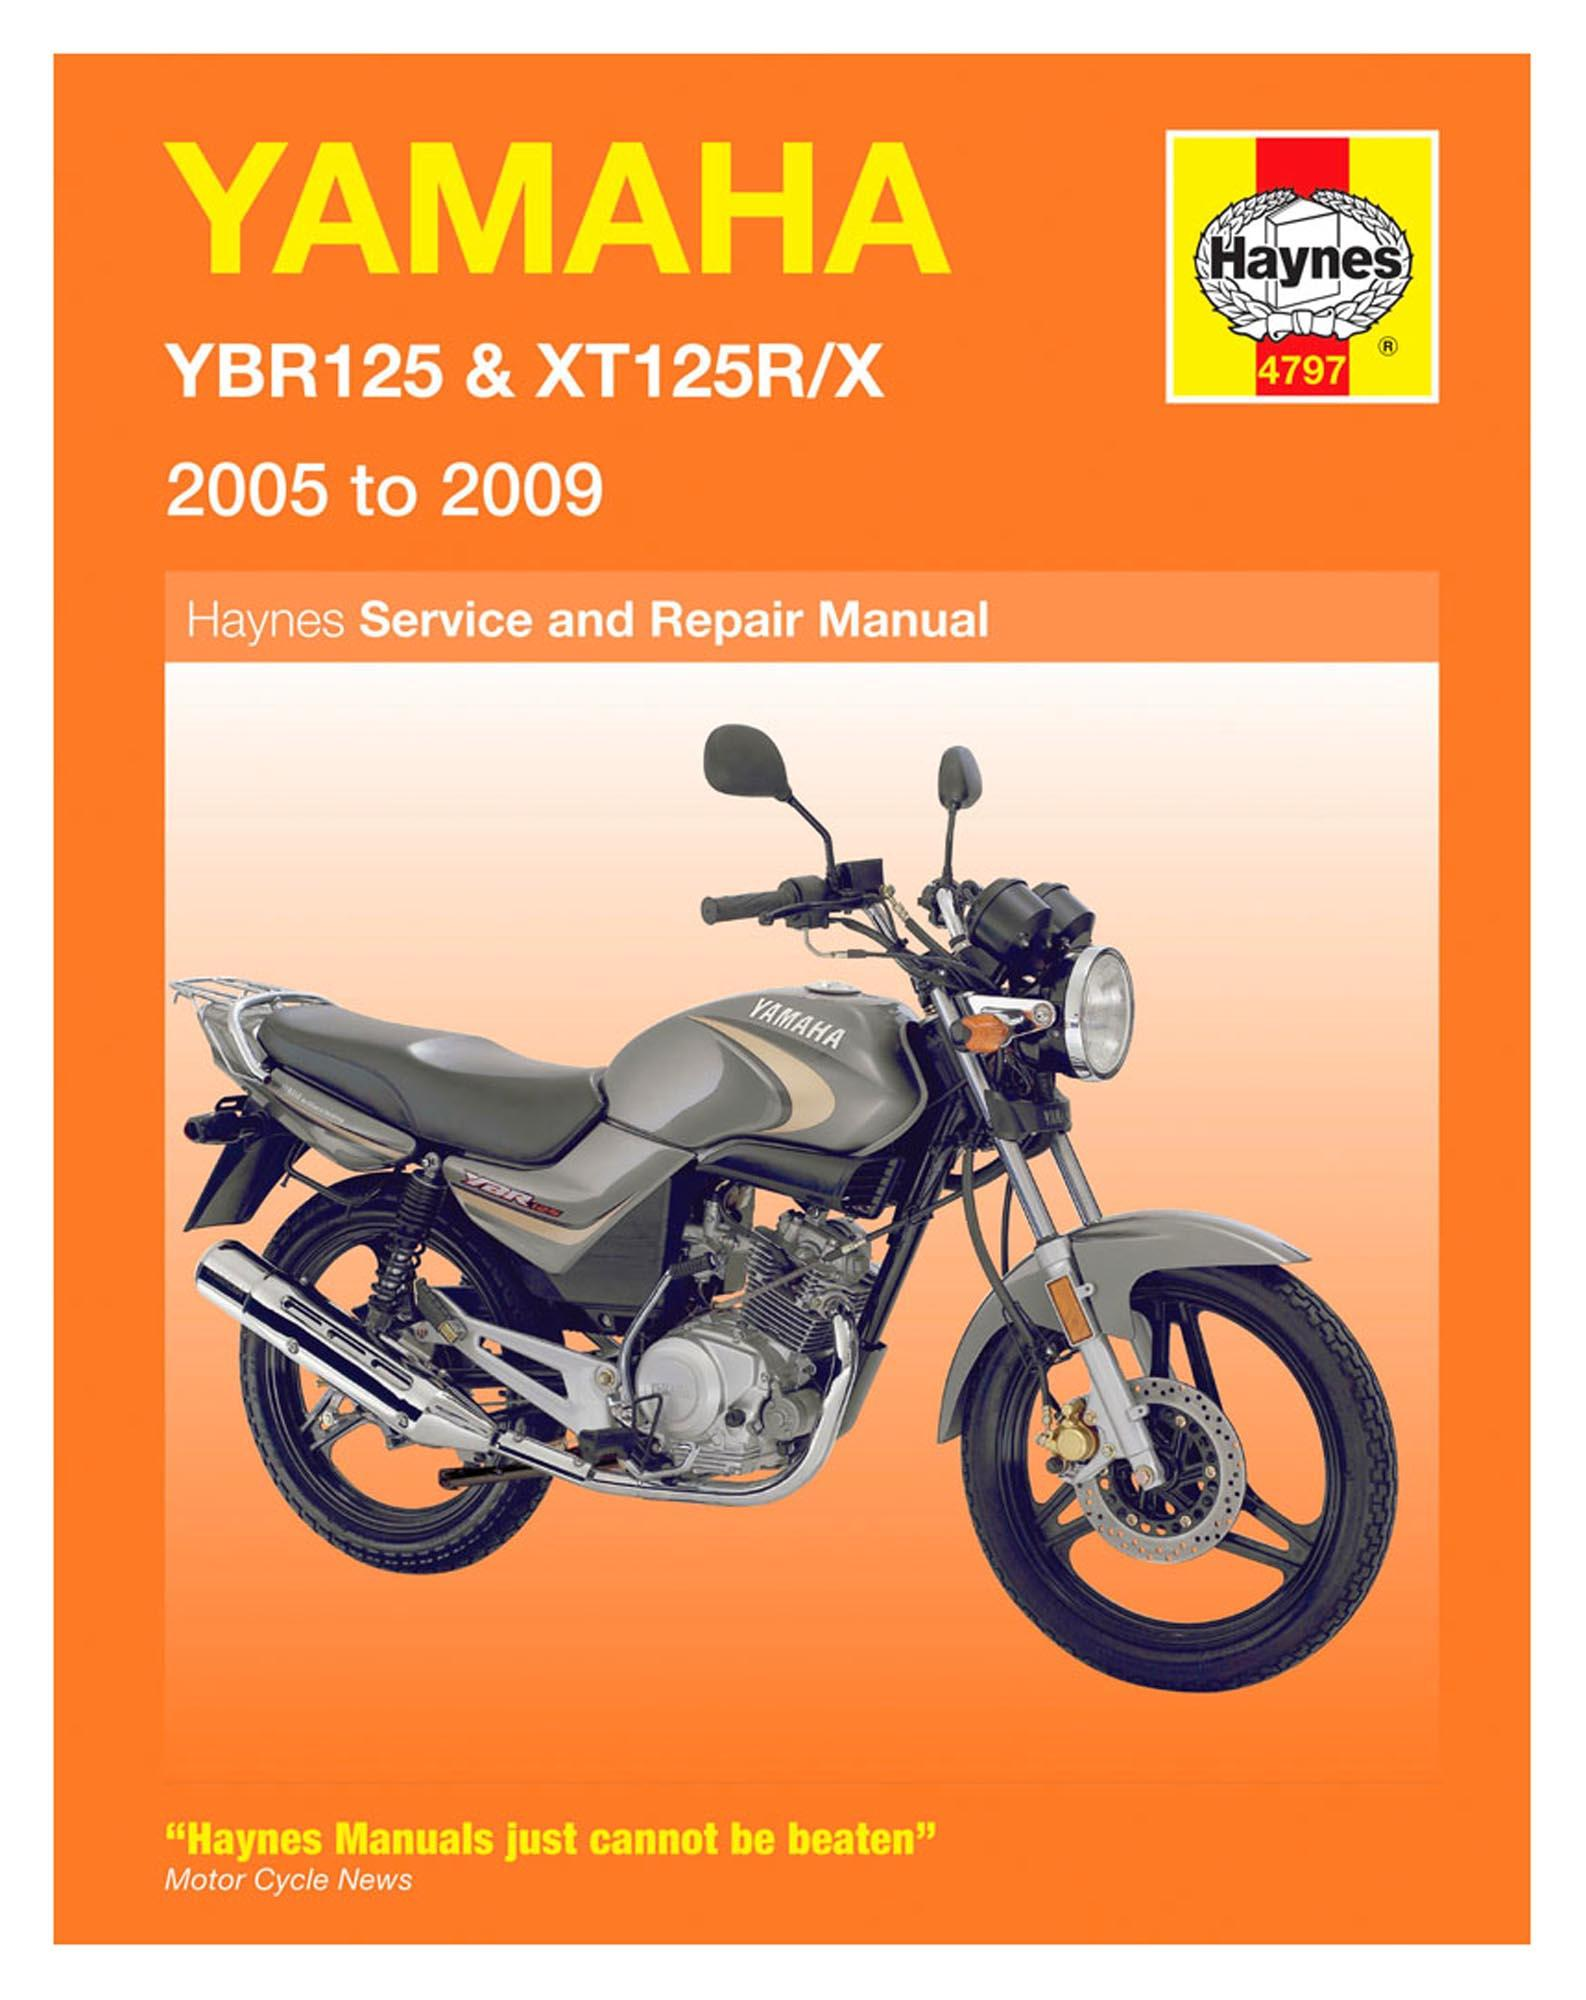 small resolution of yamaha ybr 125 fuse box schematic diagramyamaha ybr 125 fuse box all wiring diagram yamaha ybr